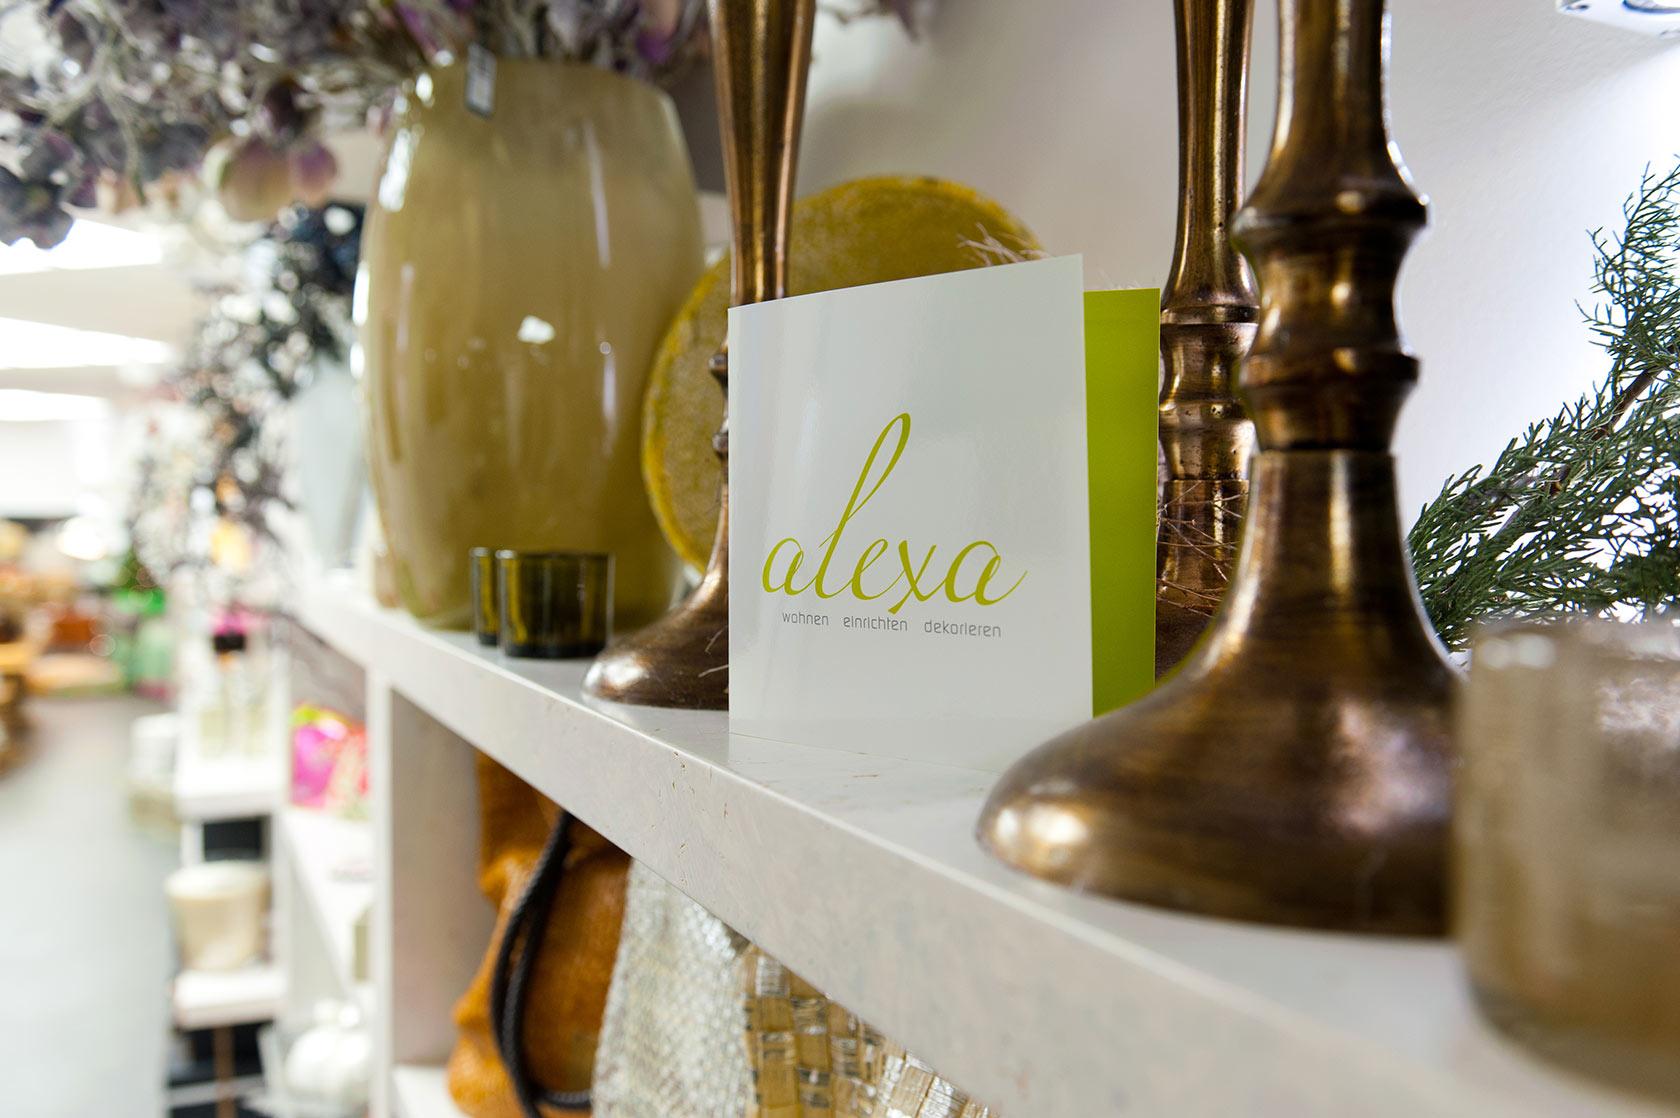 alexa wohnen einrichten dekorieren schreinerei ignaz paringer. Black Bedroom Furniture Sets. Home Design Ideas